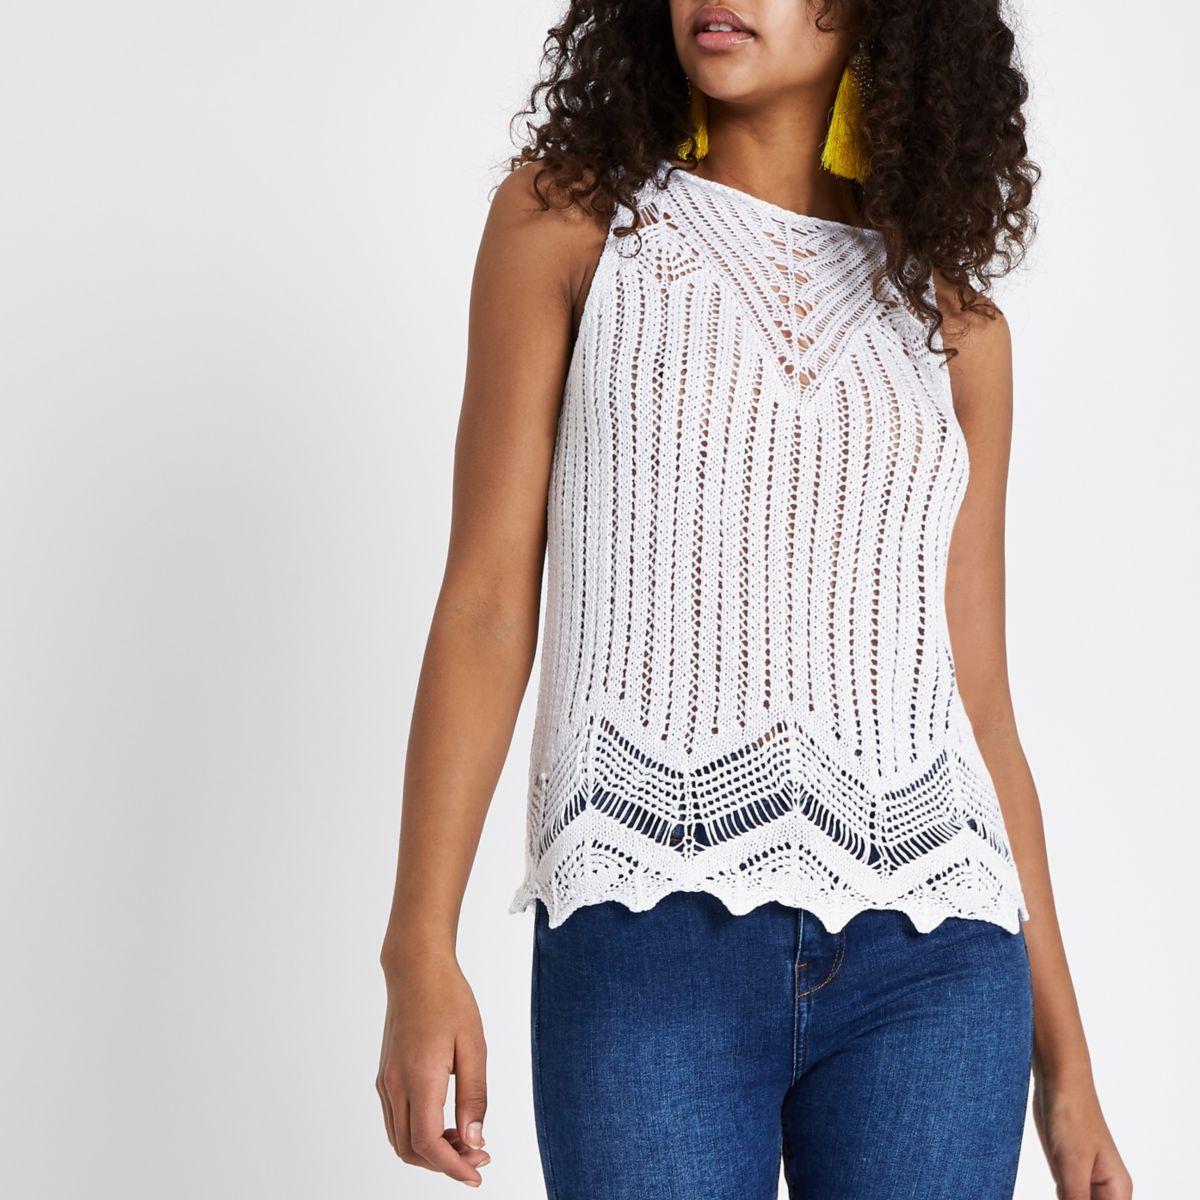 White crochet tank top